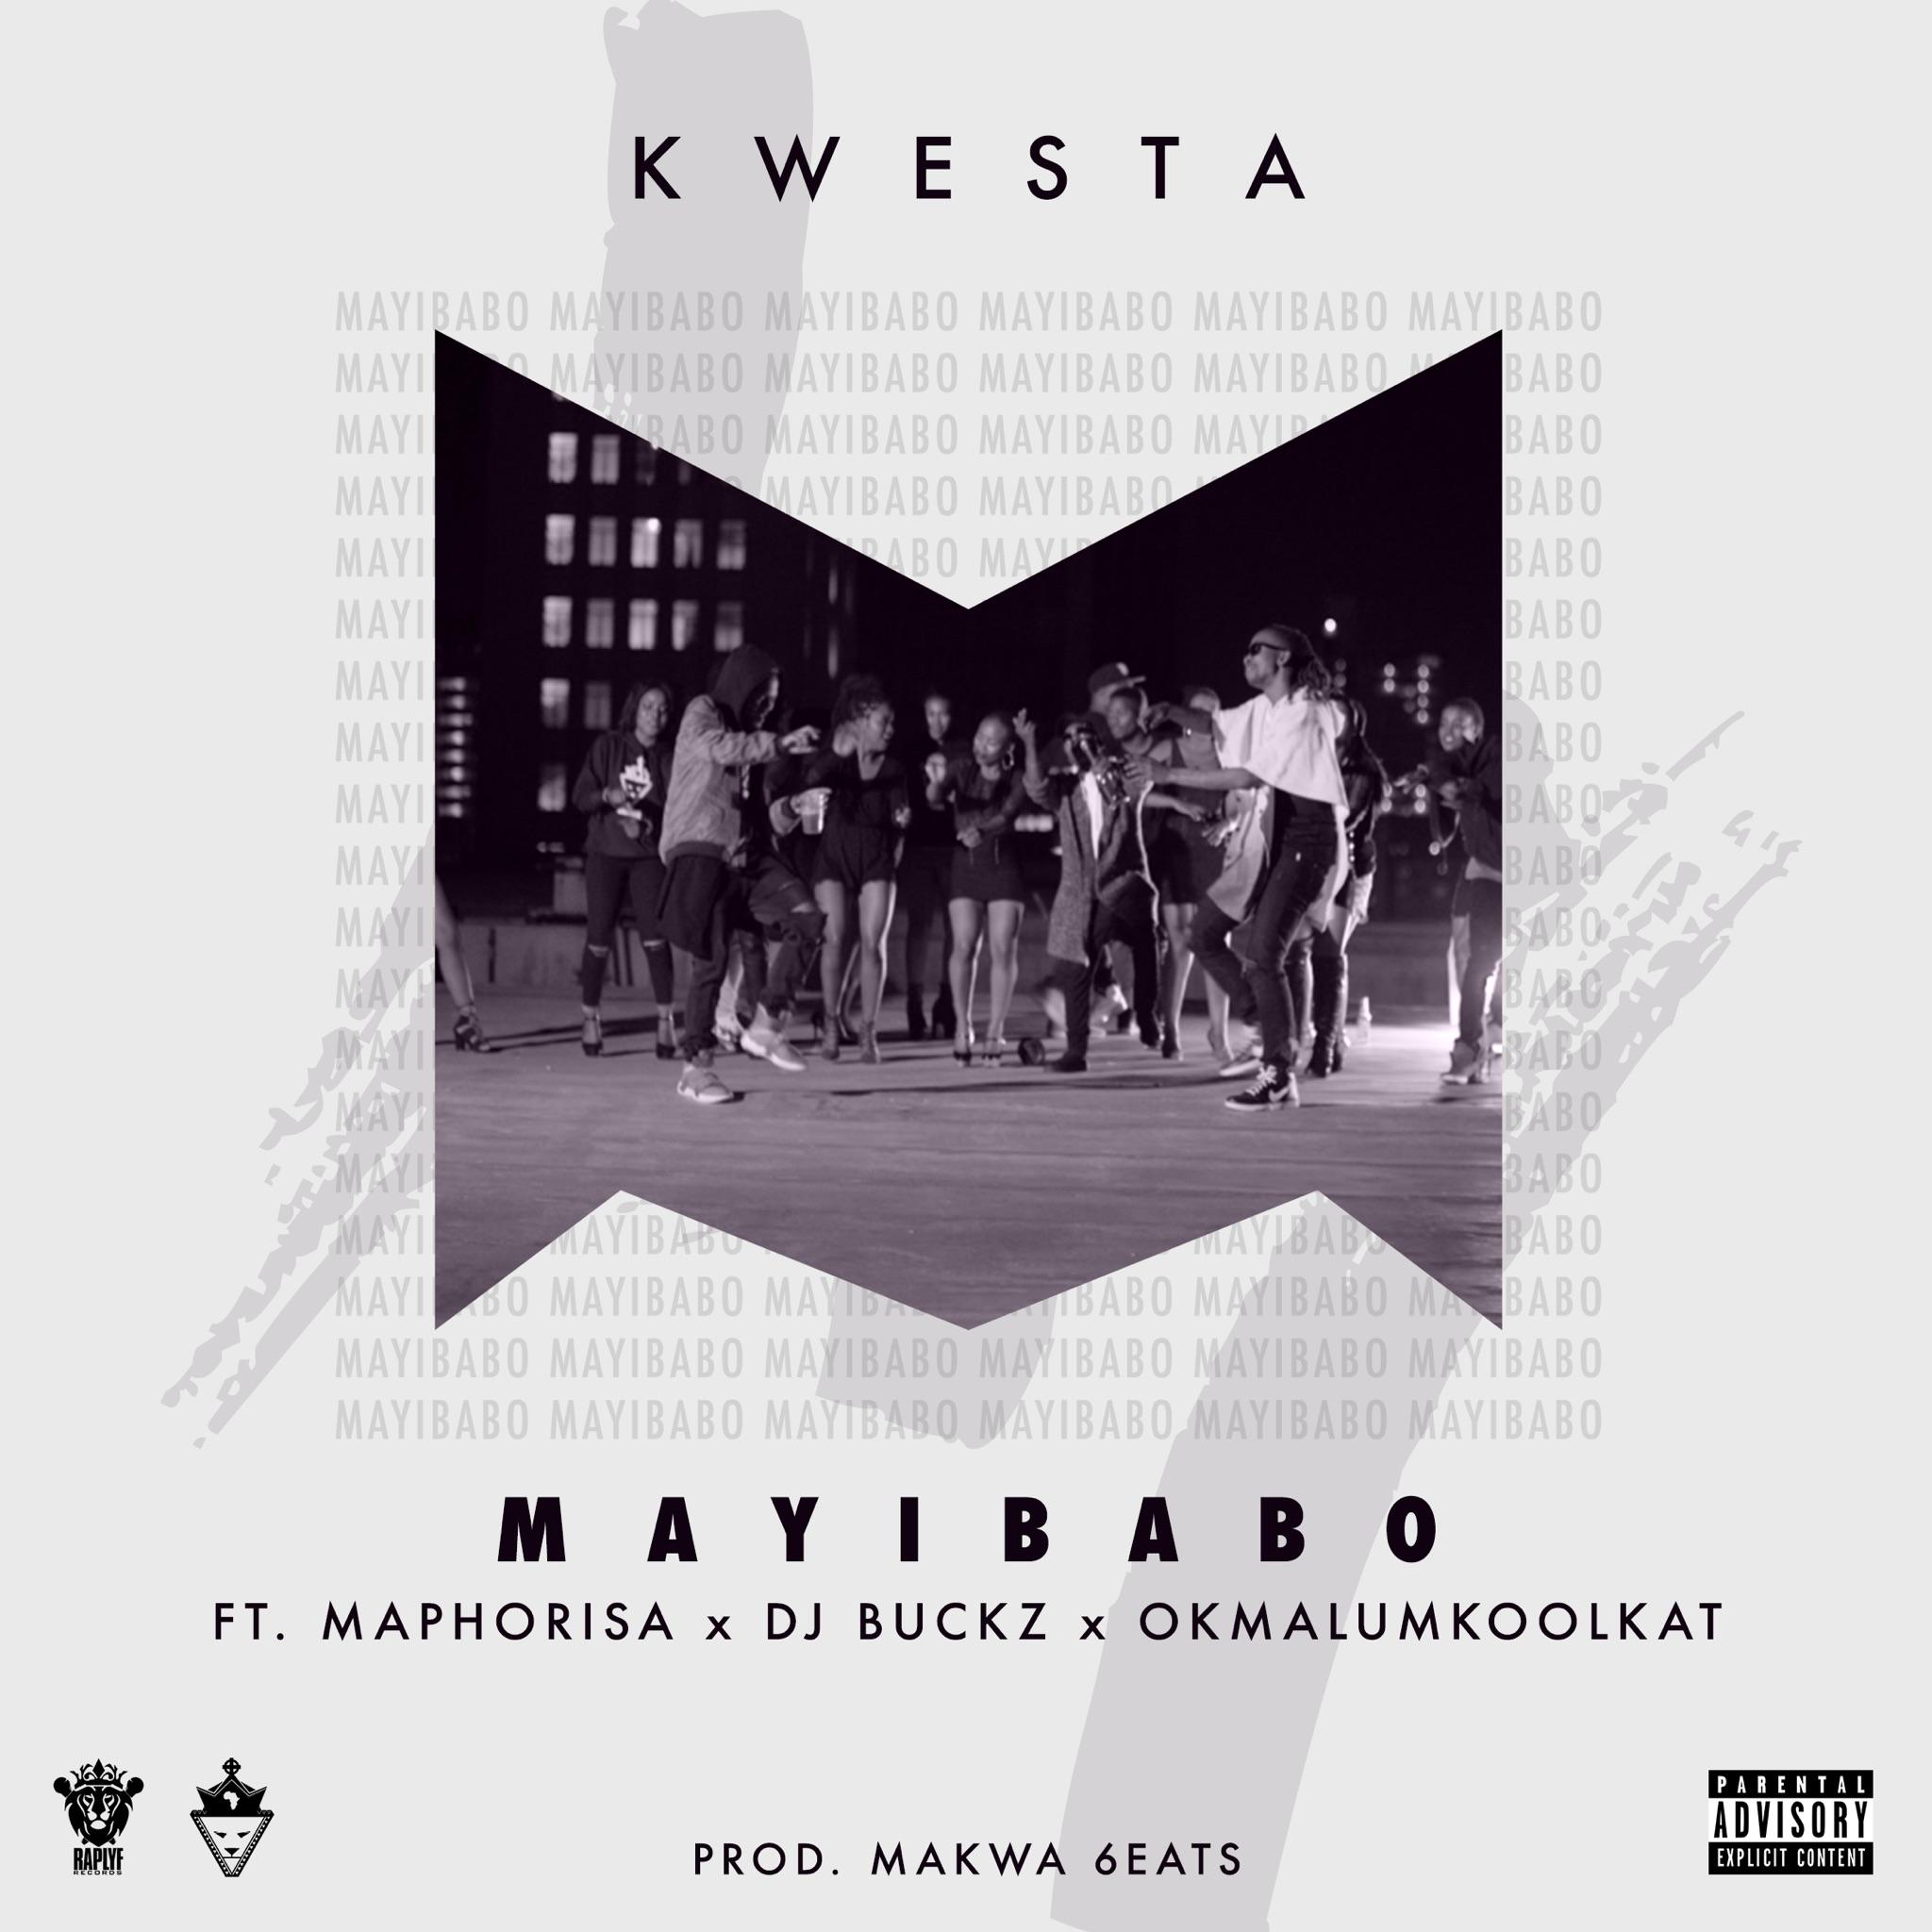 New Release: Kwesta - Mayibabo [ft Okmalumkoolkat, DJ Buckz, Maphorisa]